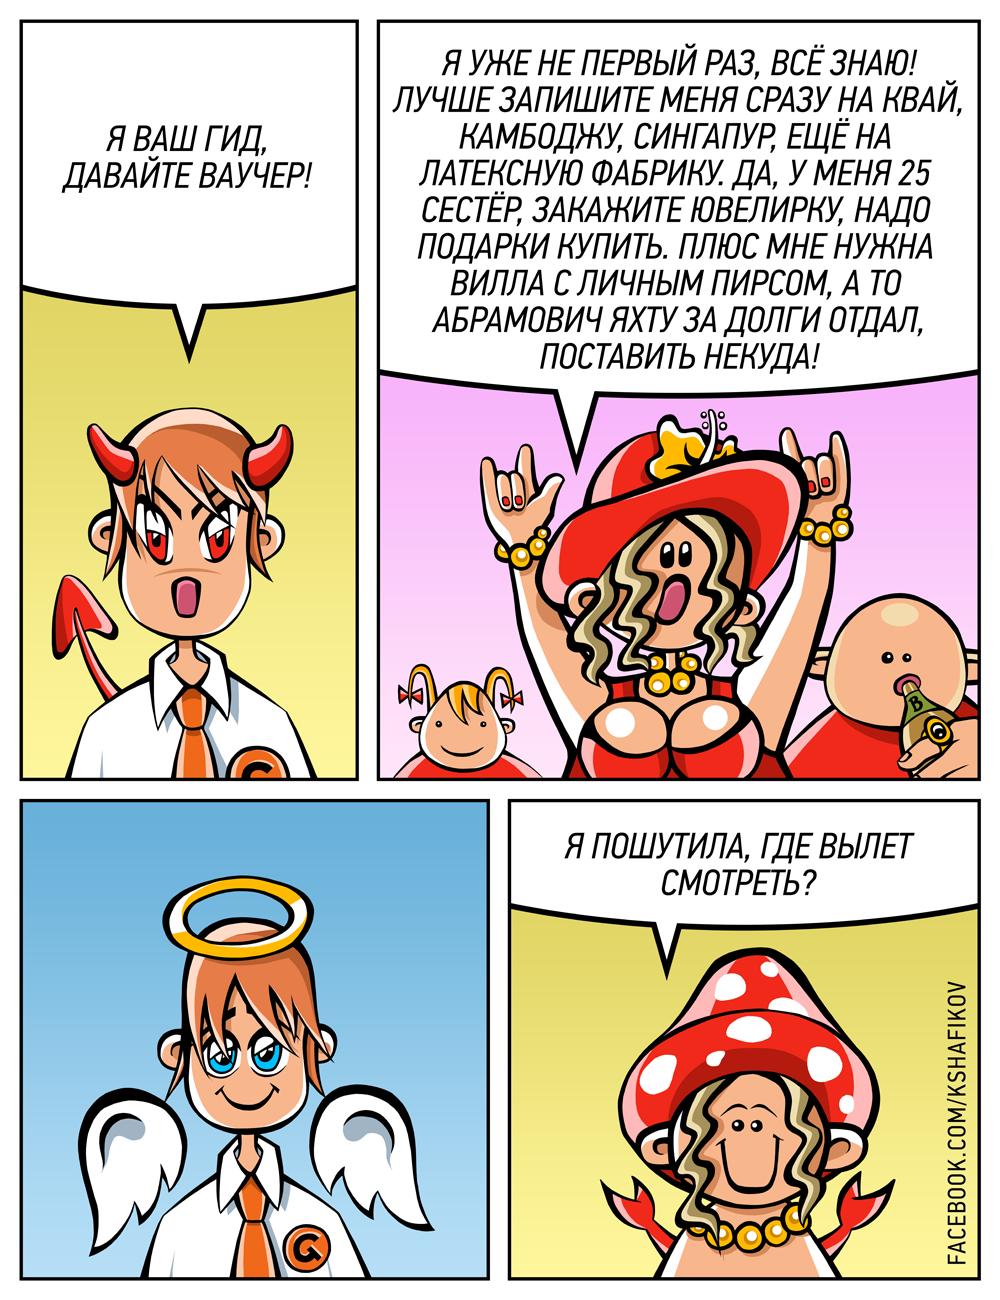 Инфо-встреча, комикс